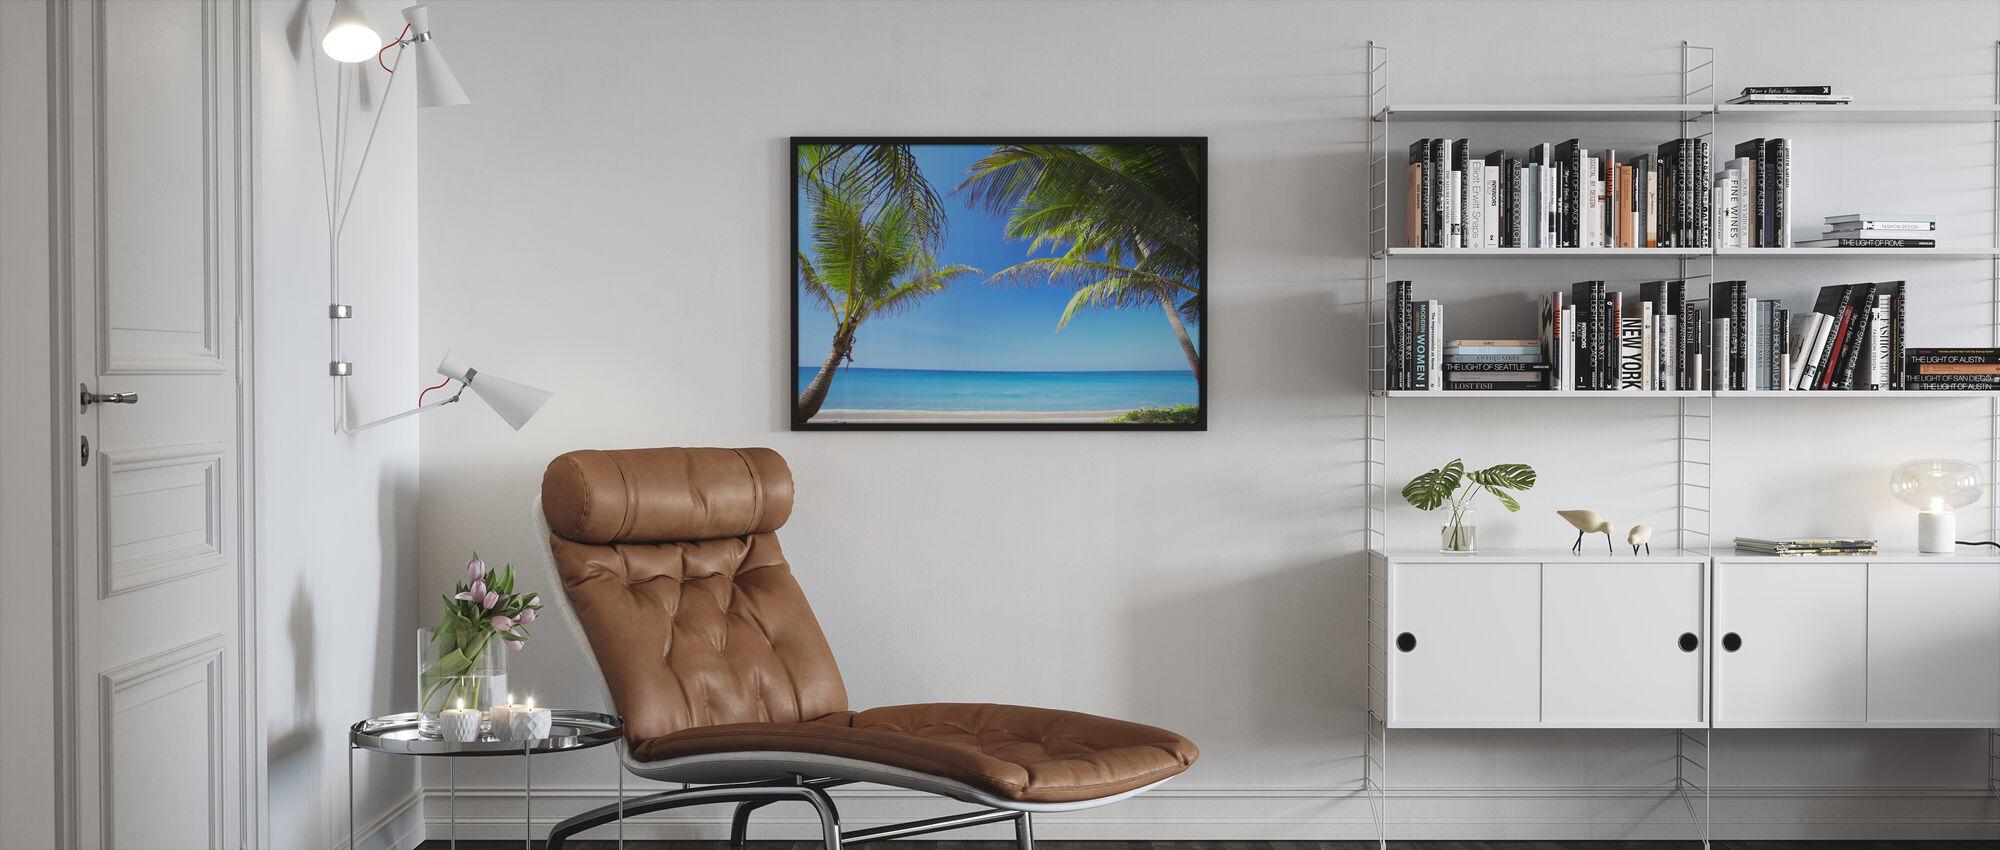 Relaxation - Framed print - Living Room